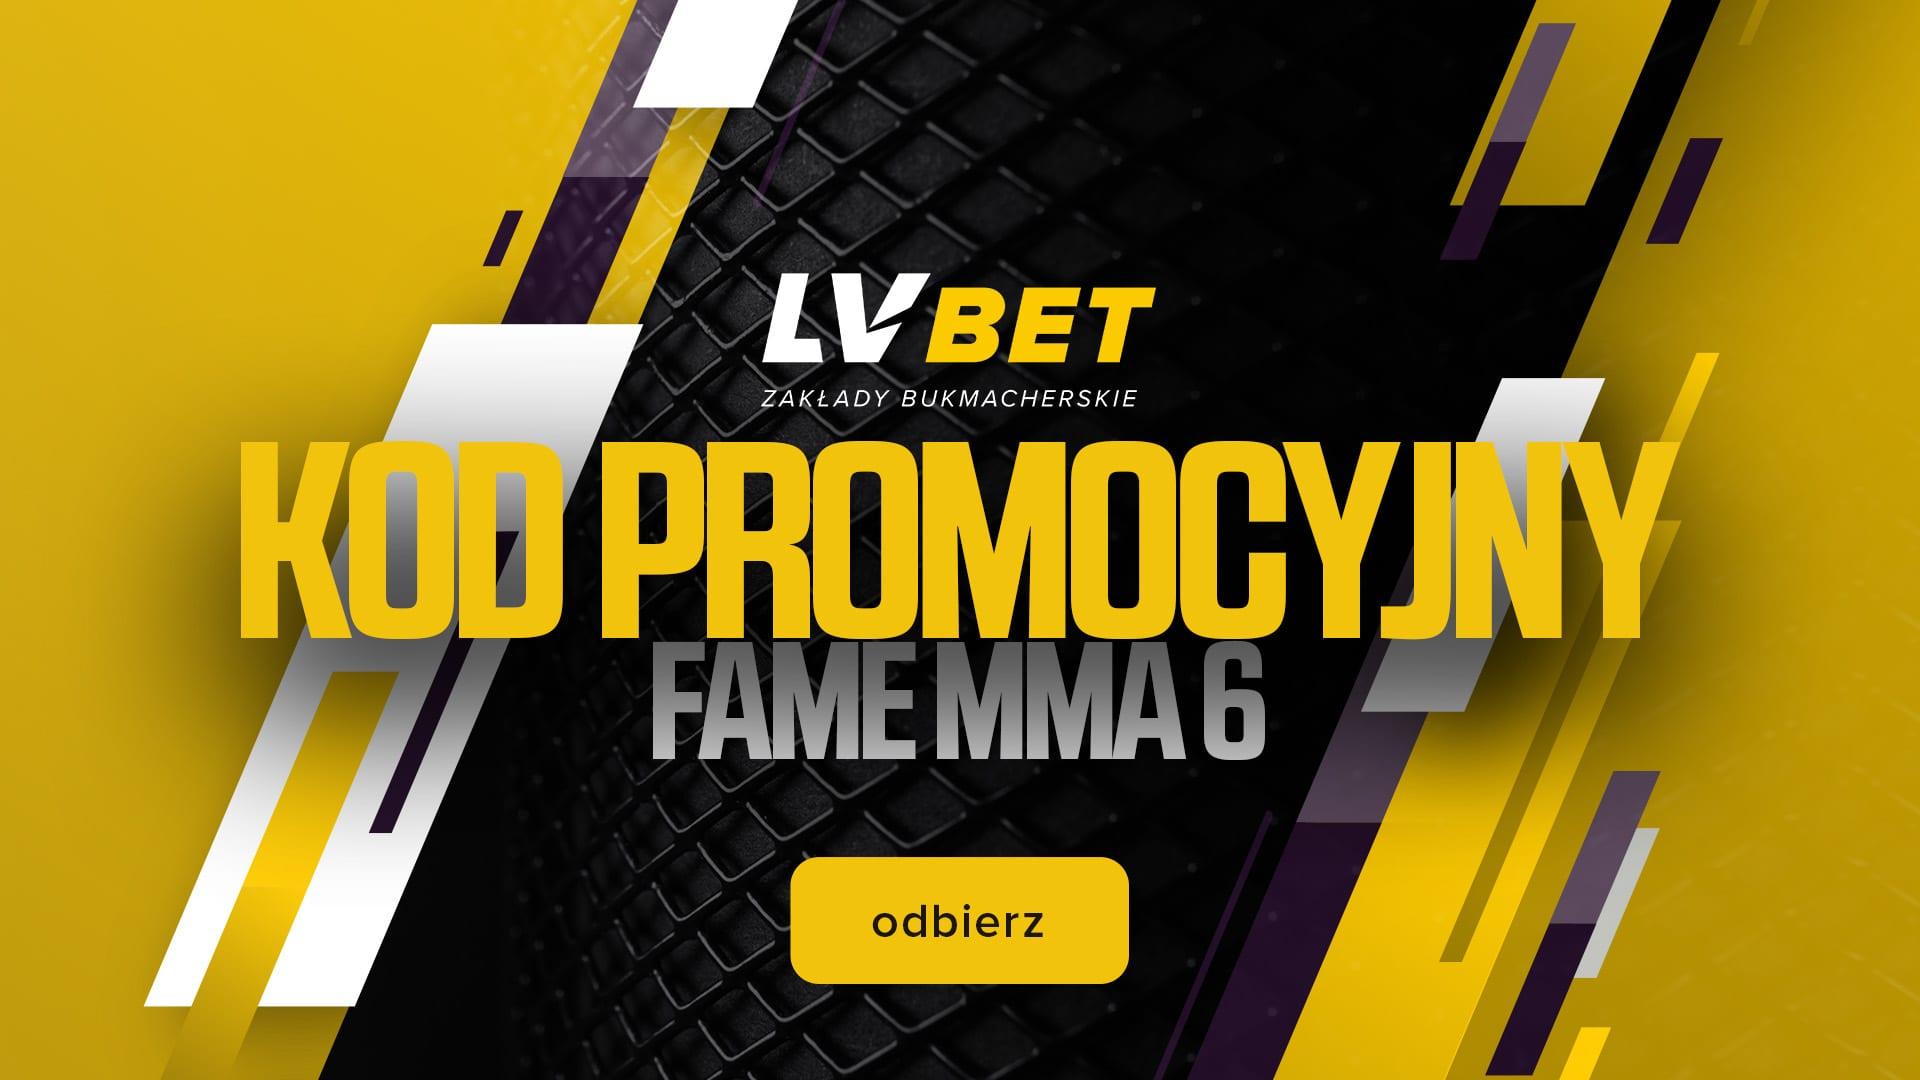 kod promocyjny lv bet